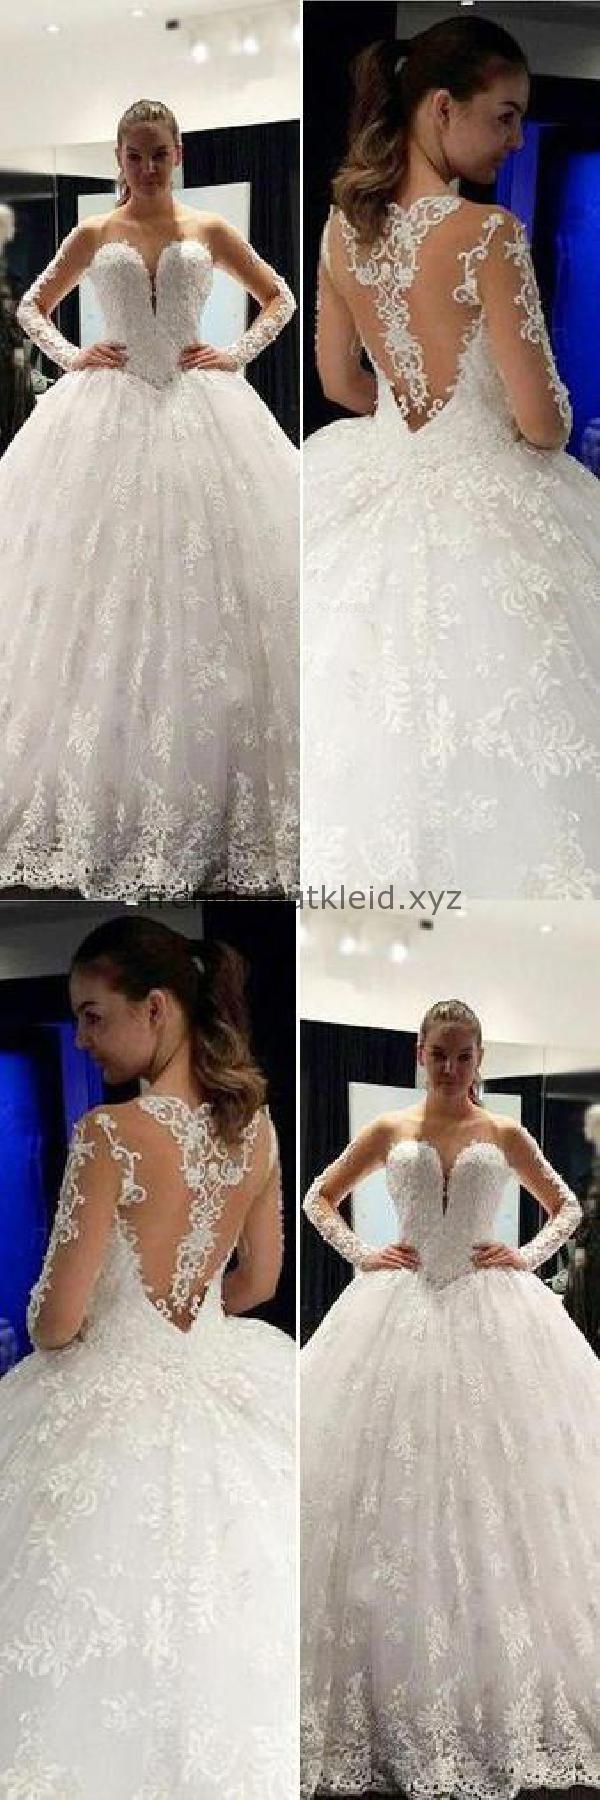 Holen Brautkleider zum Besten von billige, stark Ärmel Brautkleider, Ballkleid Brautkleider, stark Brautkleider